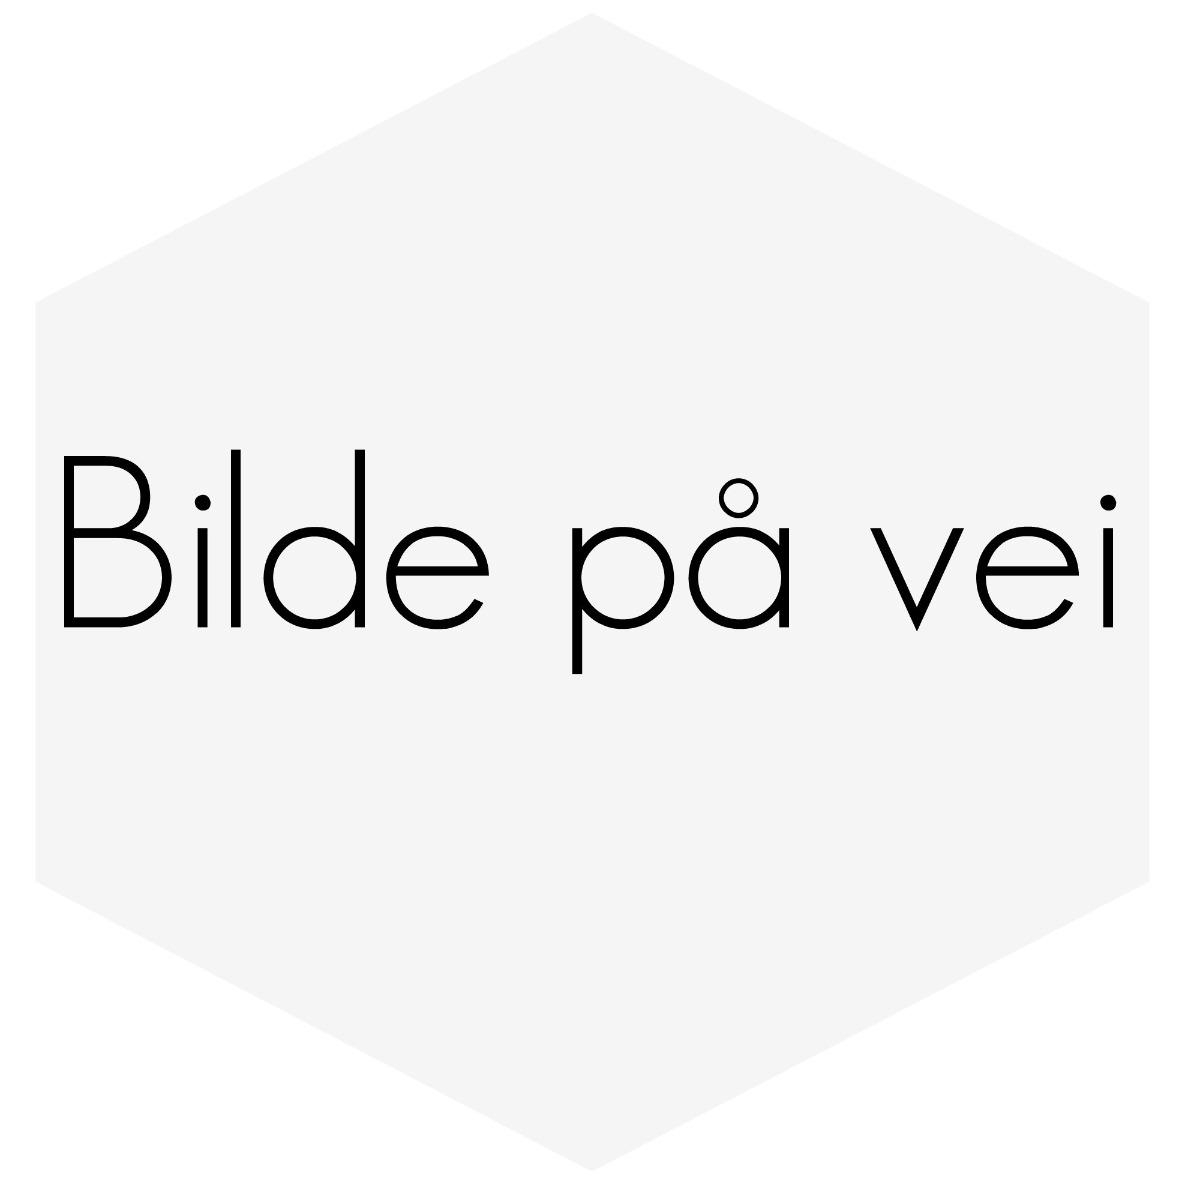 VINDAVVISER-SETT VOLVO 7/900 MED LANG TYPE PÅ BAKDØR. SOTET